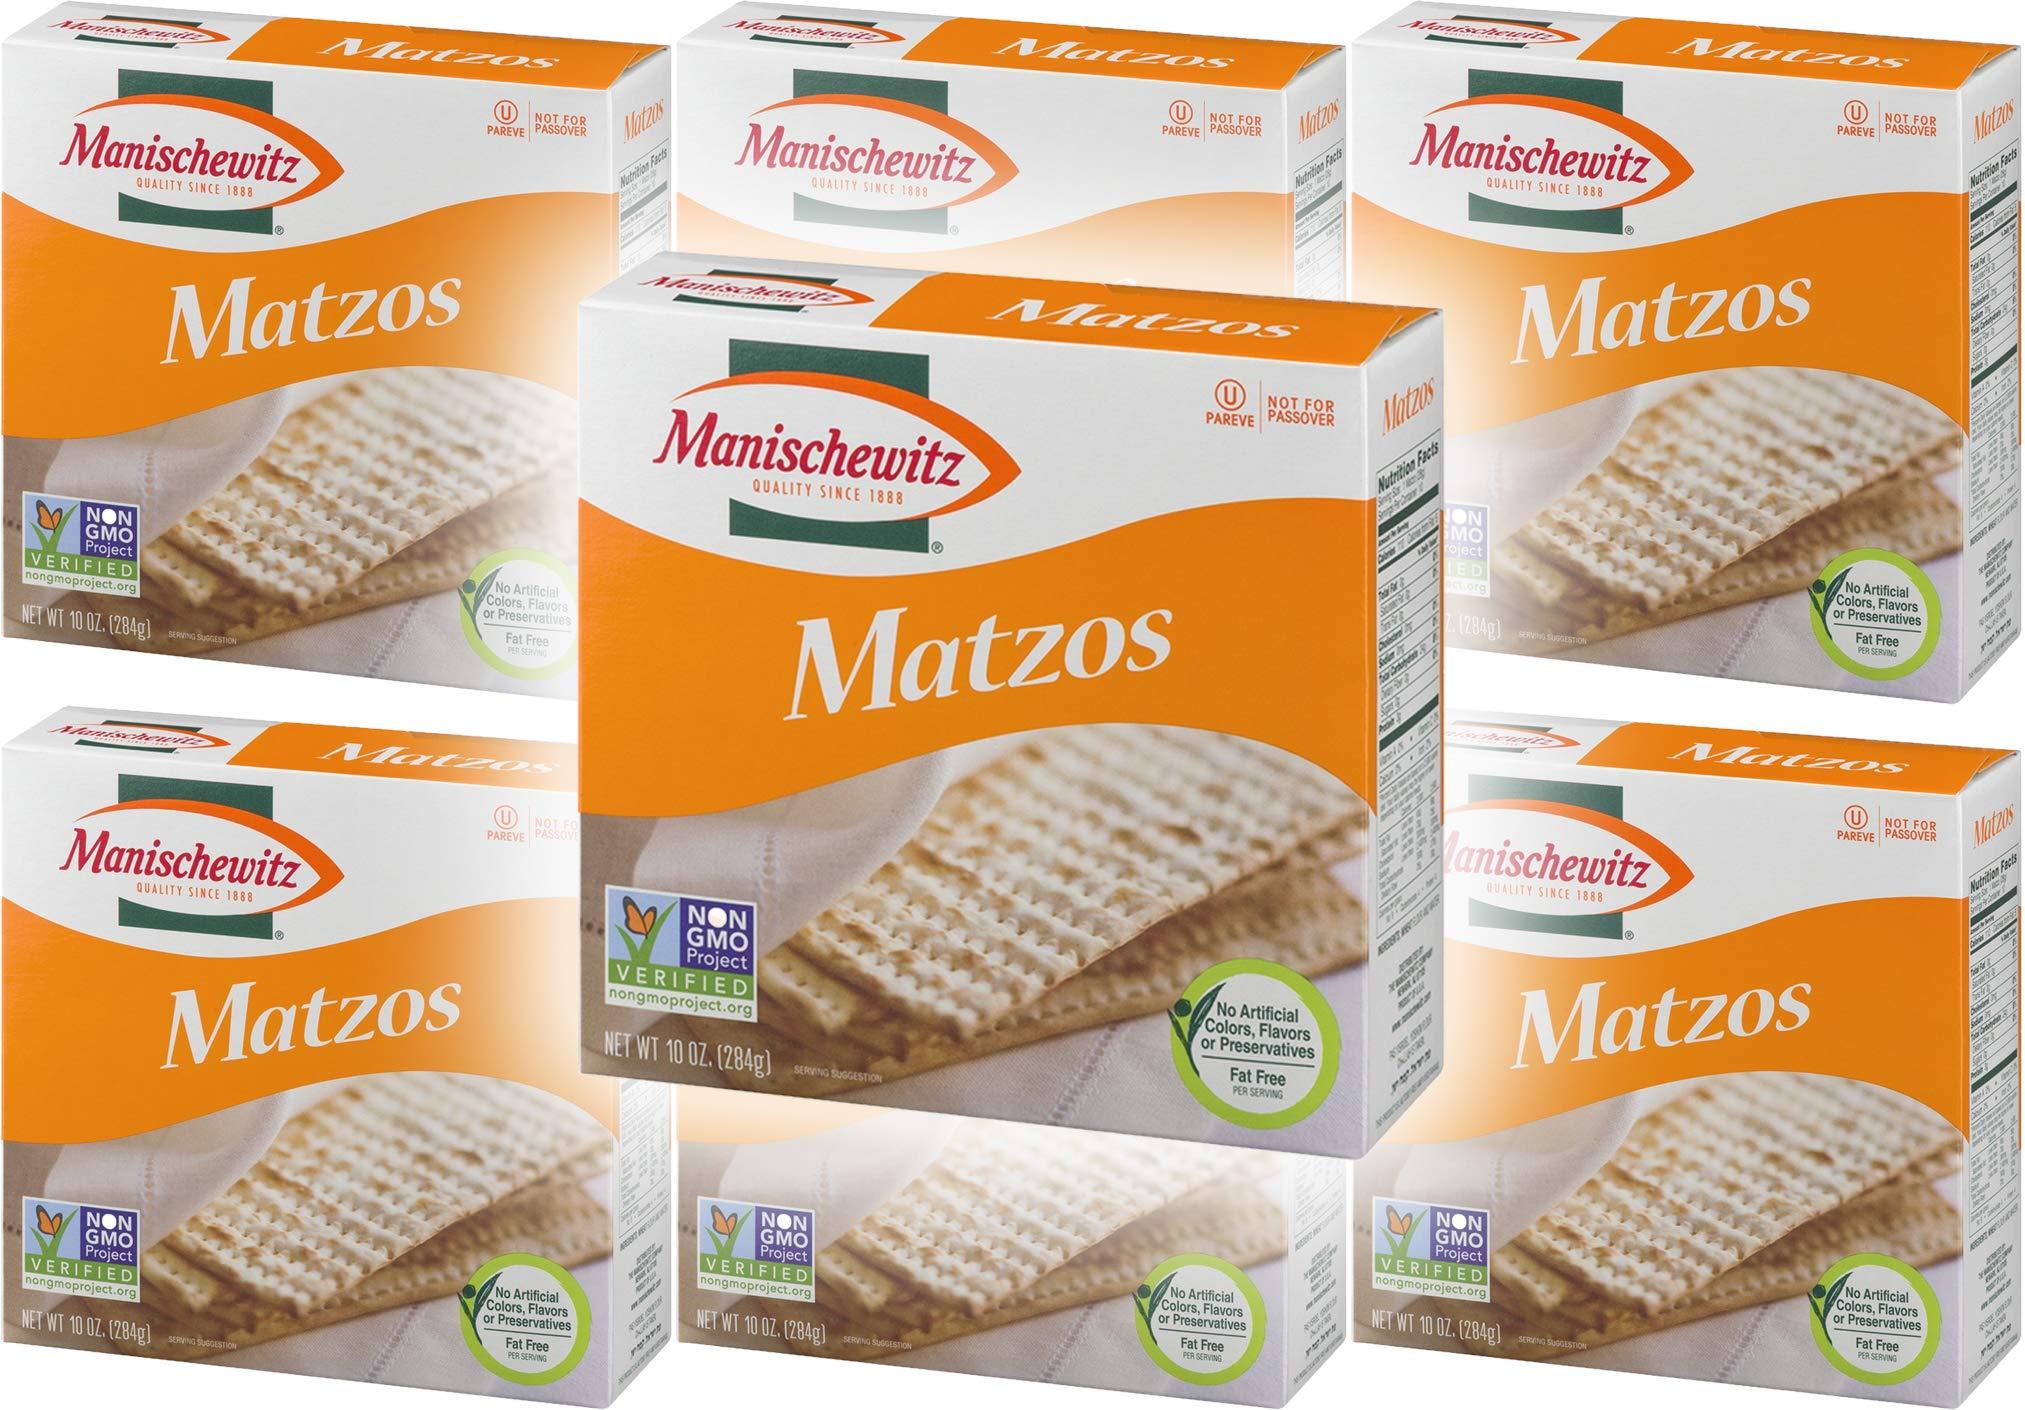 Manischewitz unsalted matzo, 10 oz (6-Pack) by Manischewitz